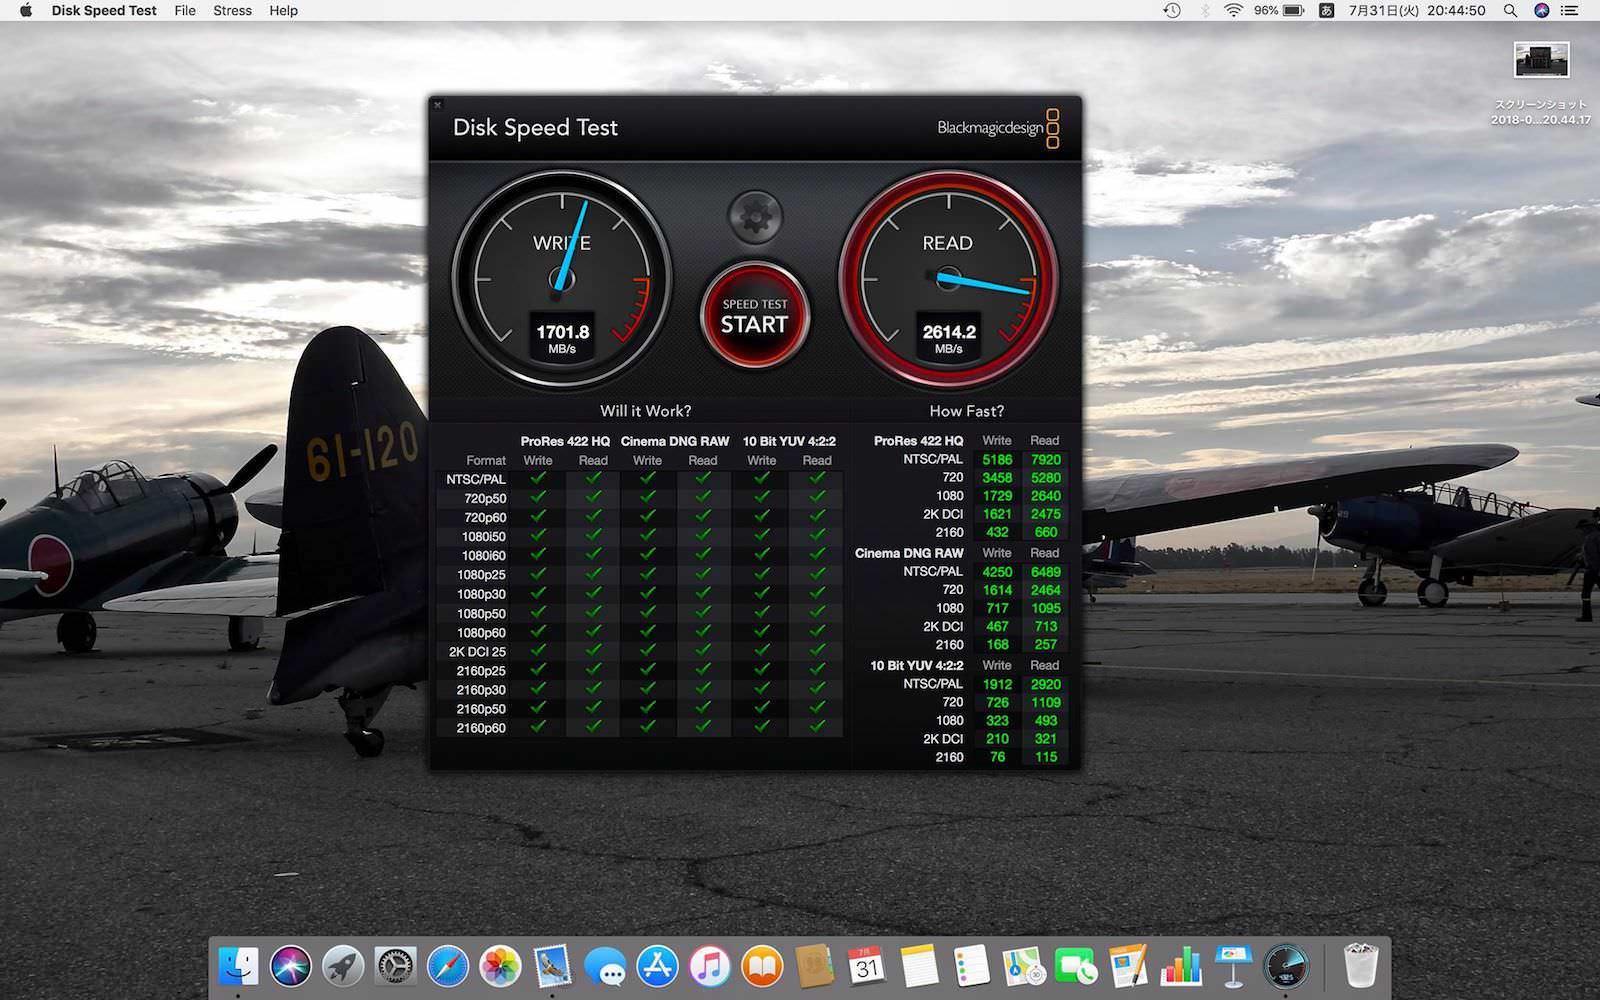 Bucho-Nabi-Reader-512GB-Disk-Speed-Test.jpg